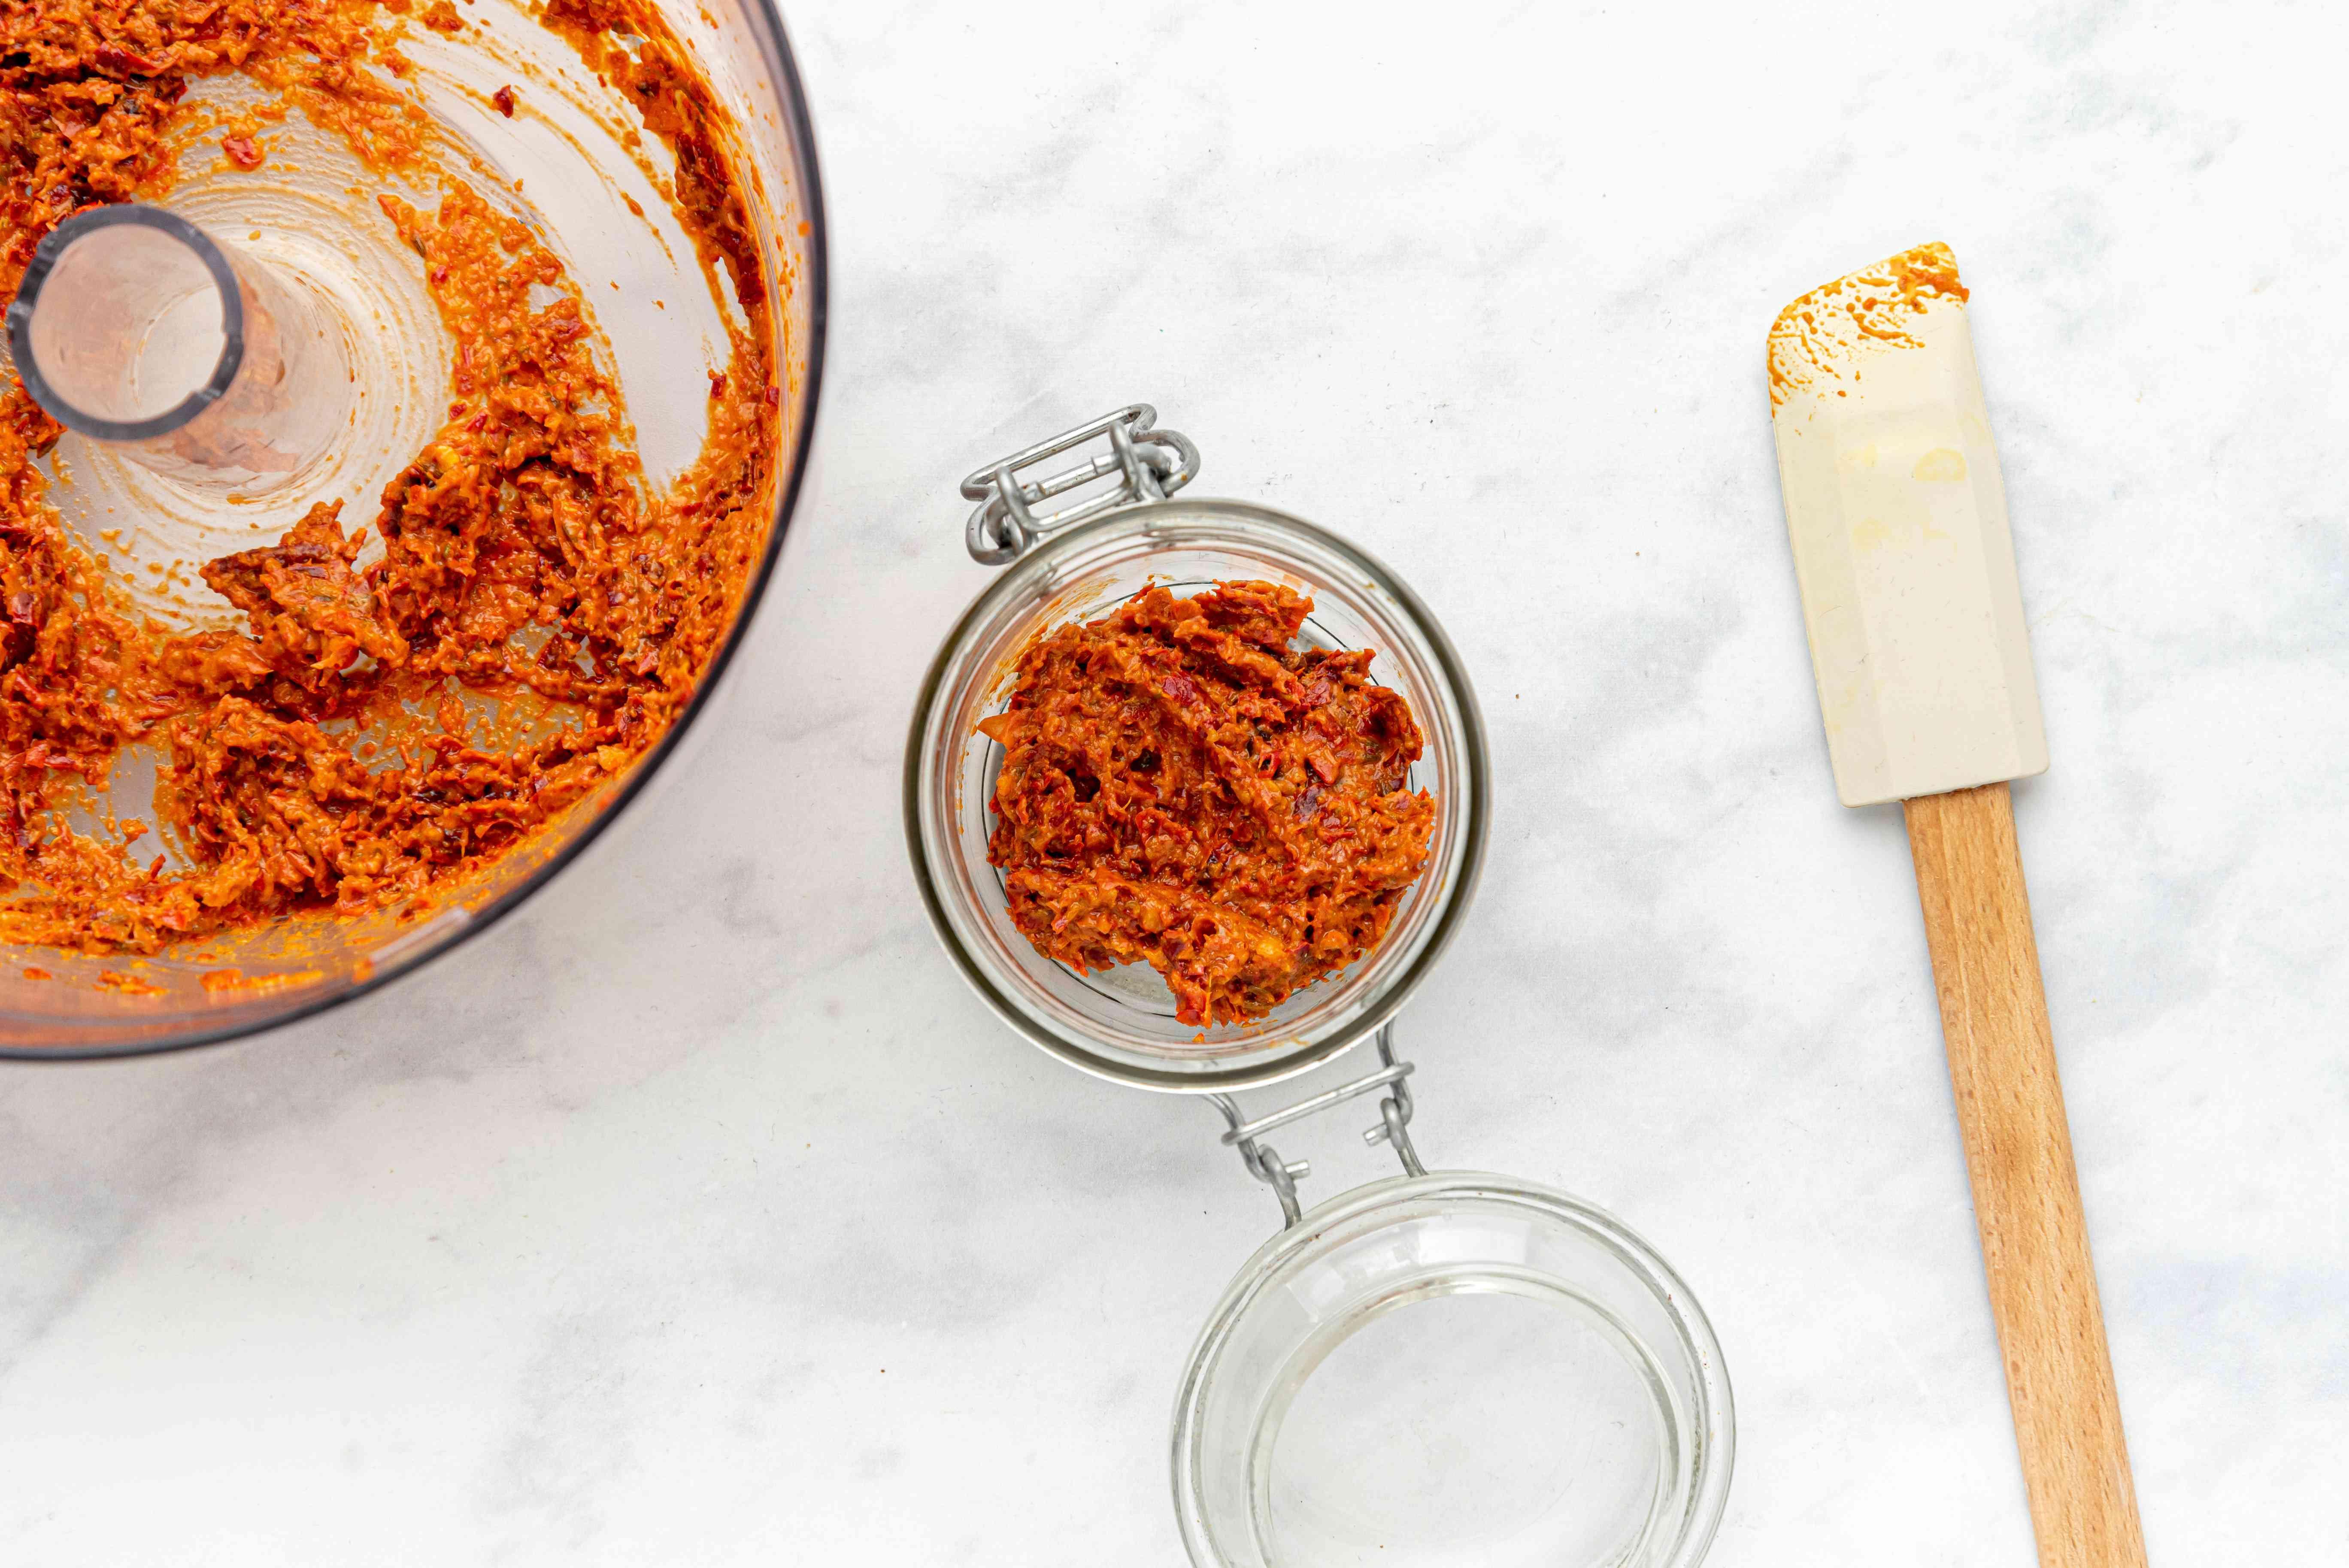 Homemade Harissa in a jar